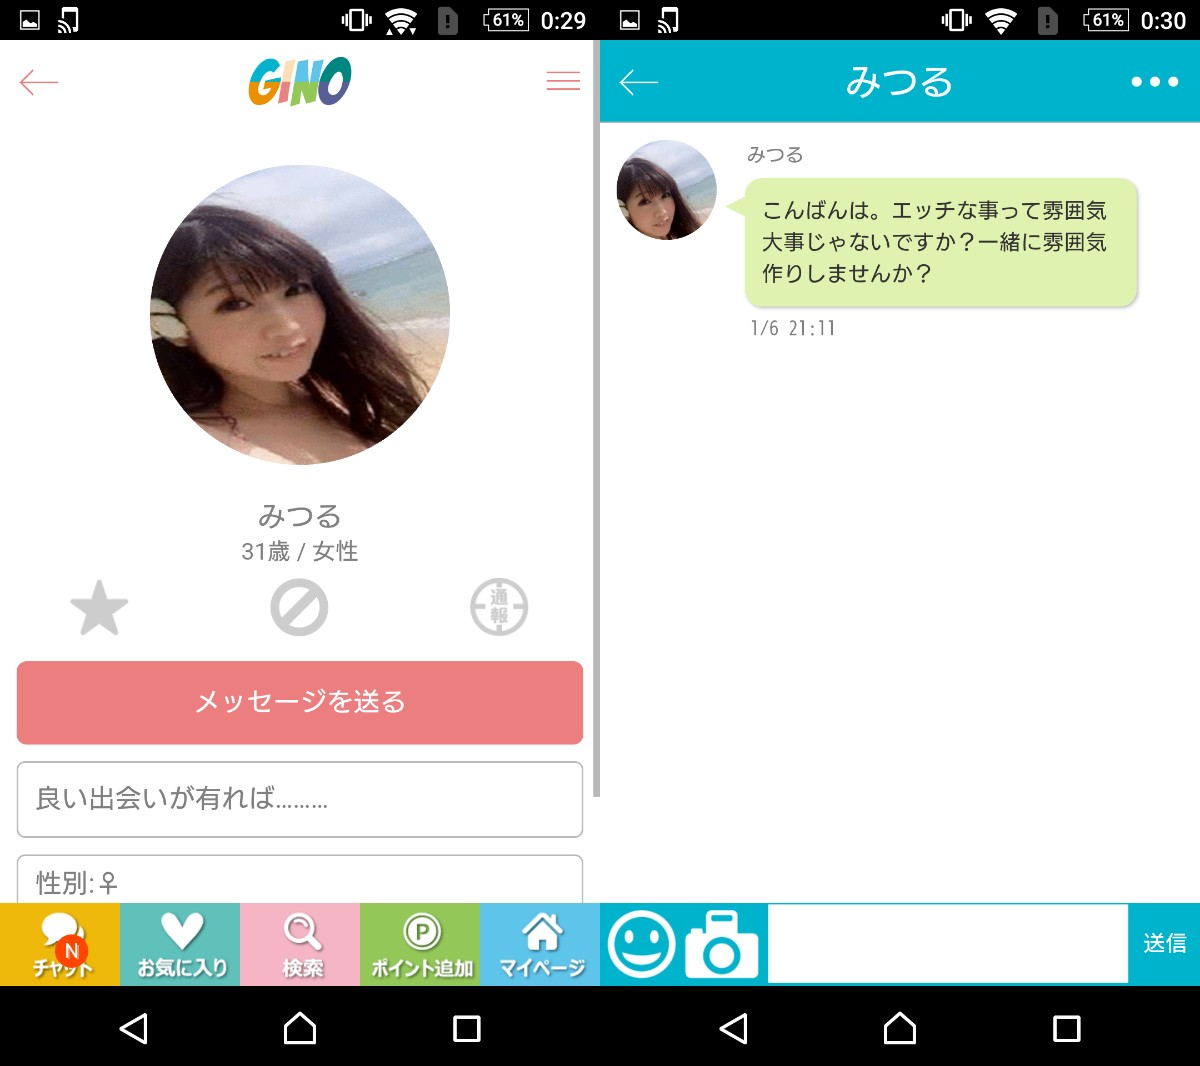 出会系チャットのジーノ 恋人探し&友達作りアプリで恋活トークサクラ